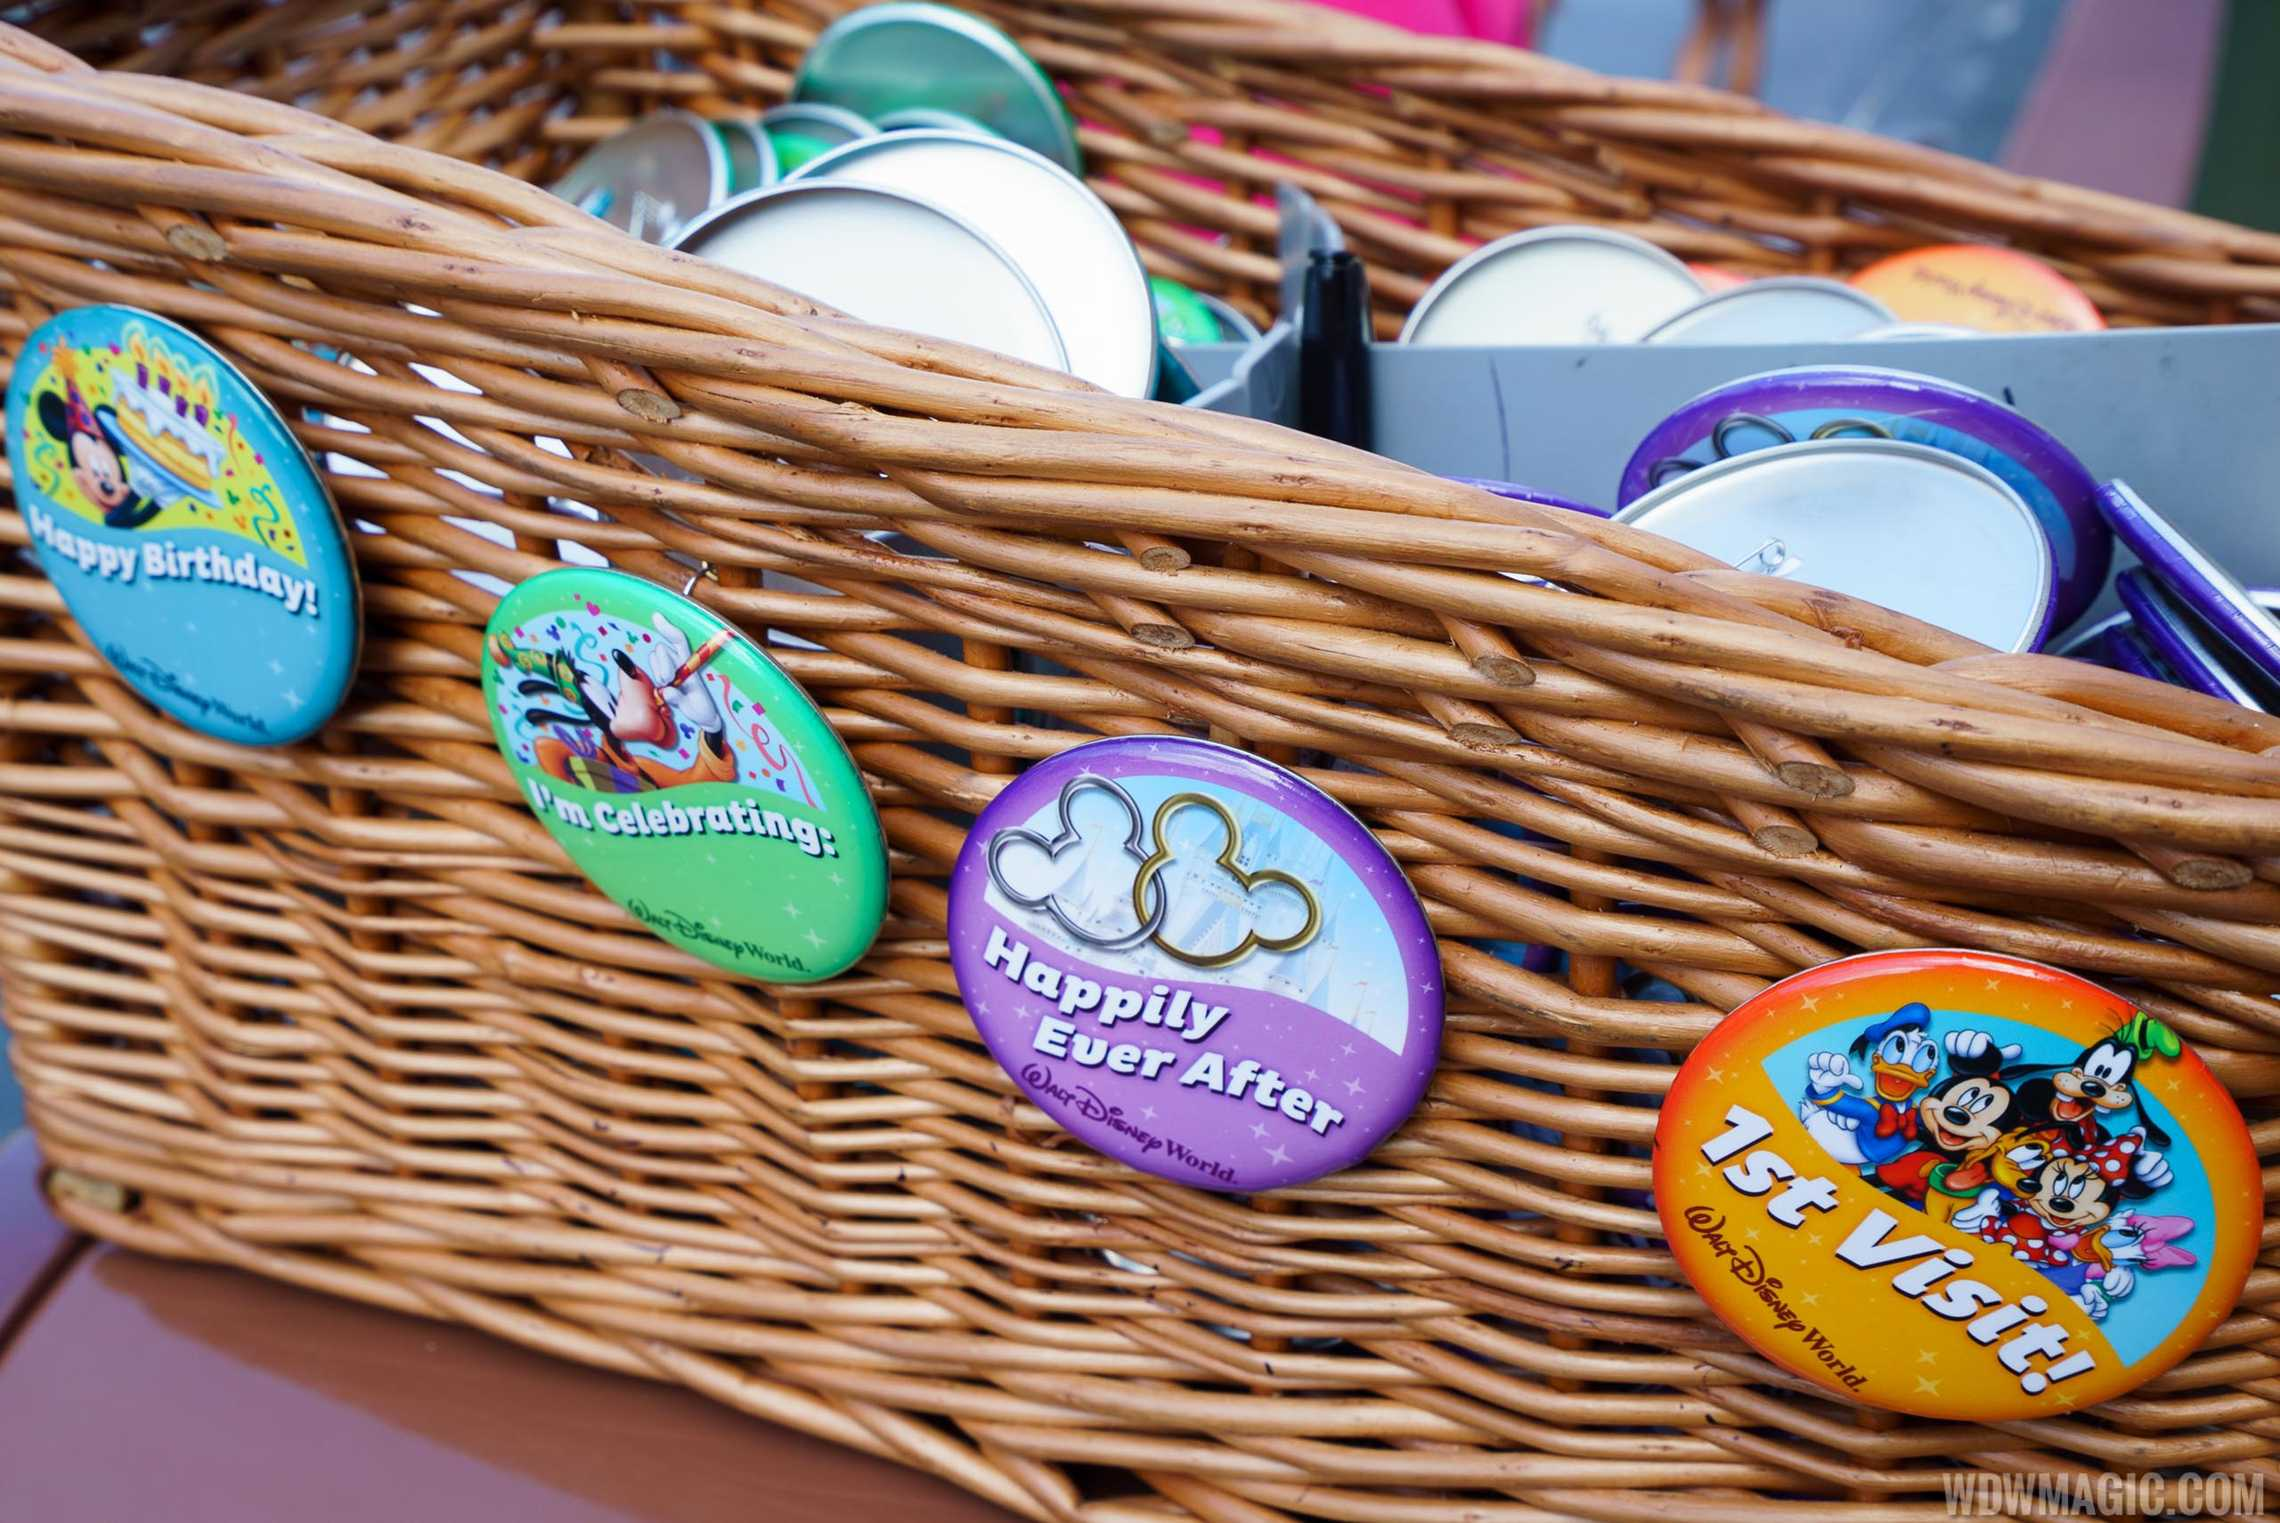 Disney World Celebration Buttons